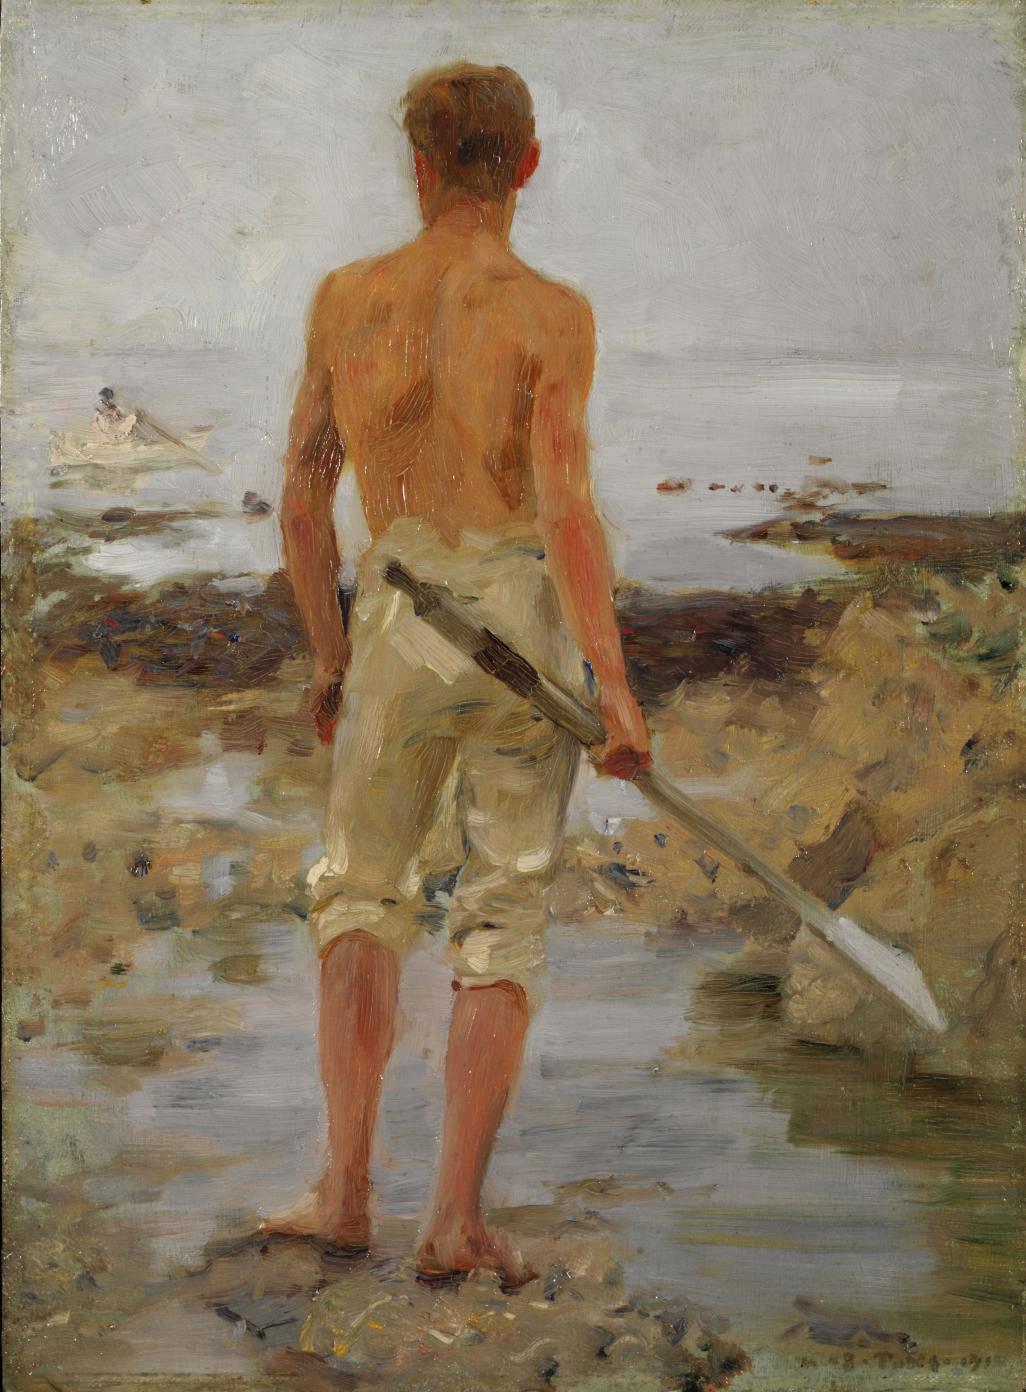 A boy with an oar